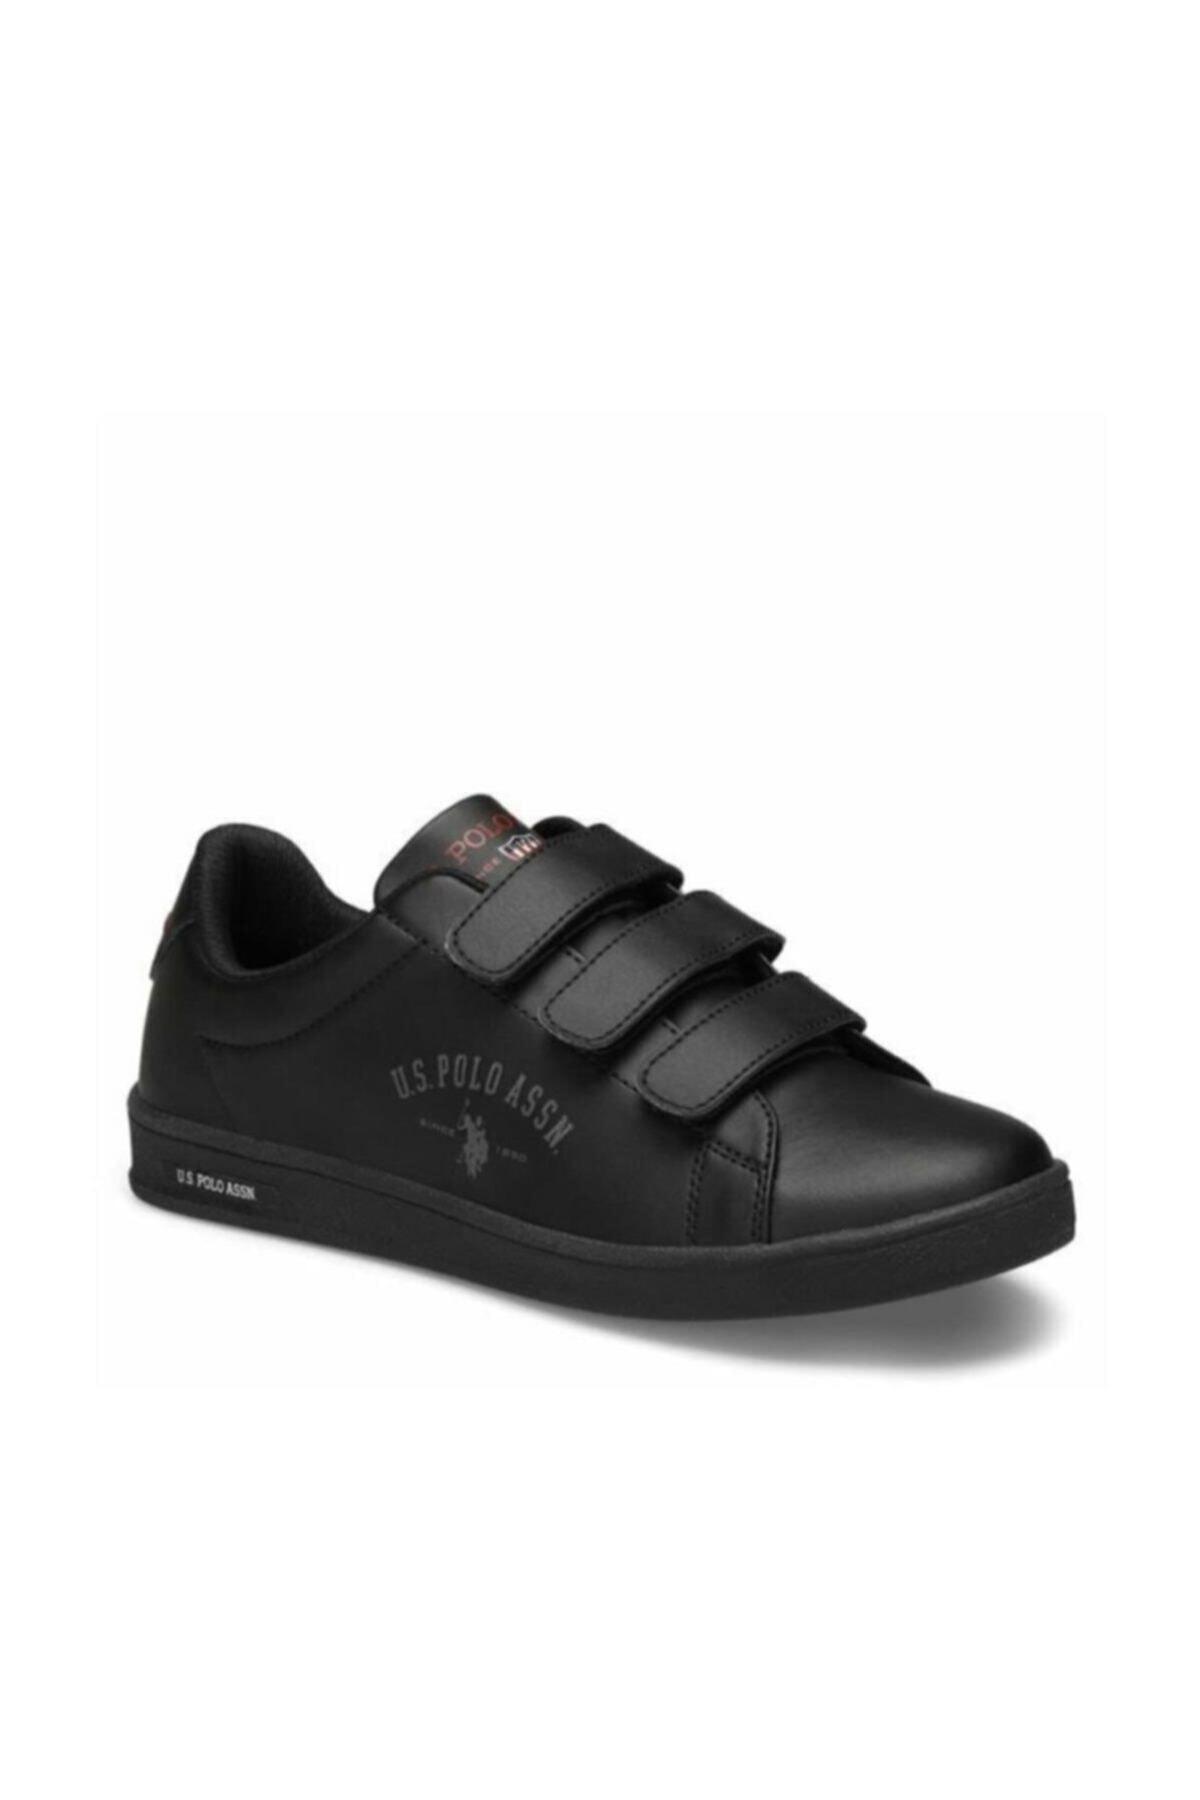 U.S. Polo Assn. SINGER Siyah Kadın Sneaker Ayakkabı 100486446 1